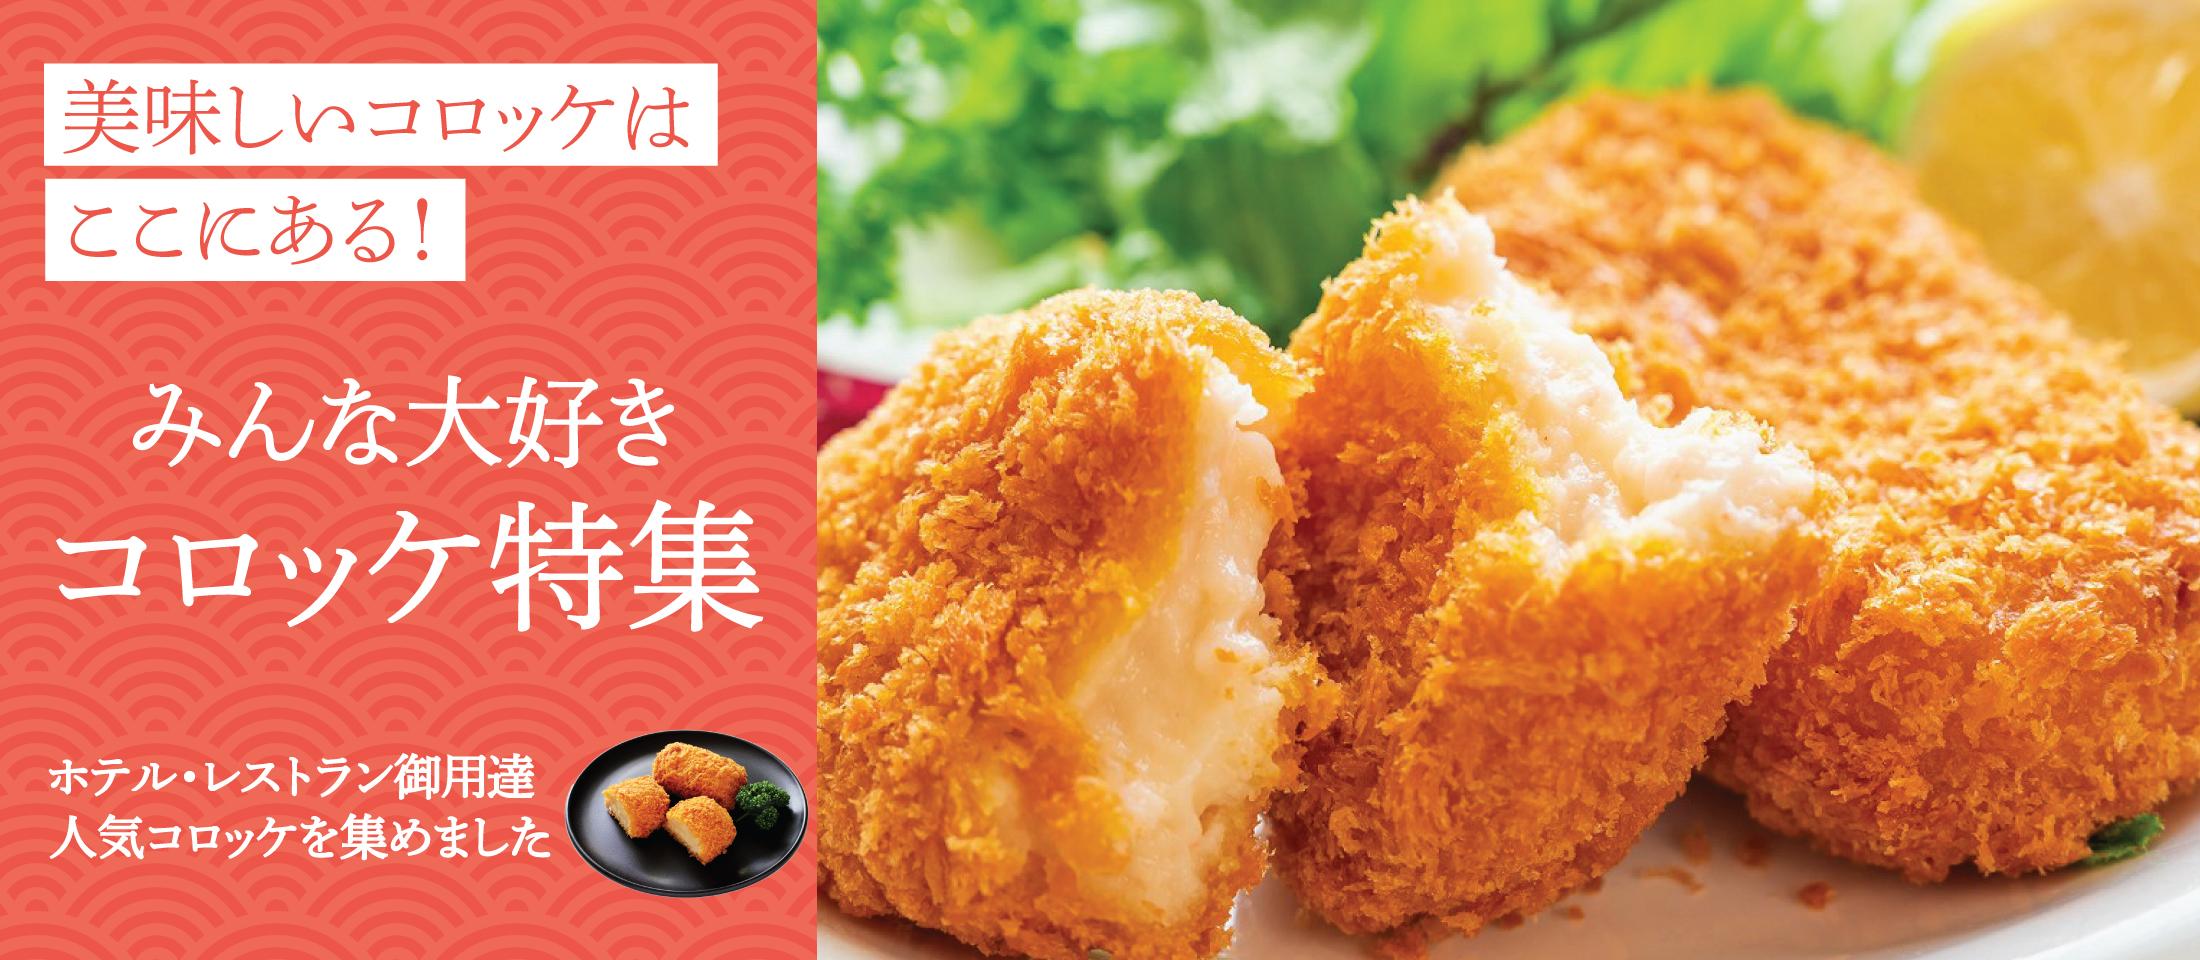 美味しいコロッケはここにある!みんな大好きコロッケ特集 業務用食品・冷凍食品おすすめ 業務用食品・冷凍食品の通販 |ナカヤマフーズ